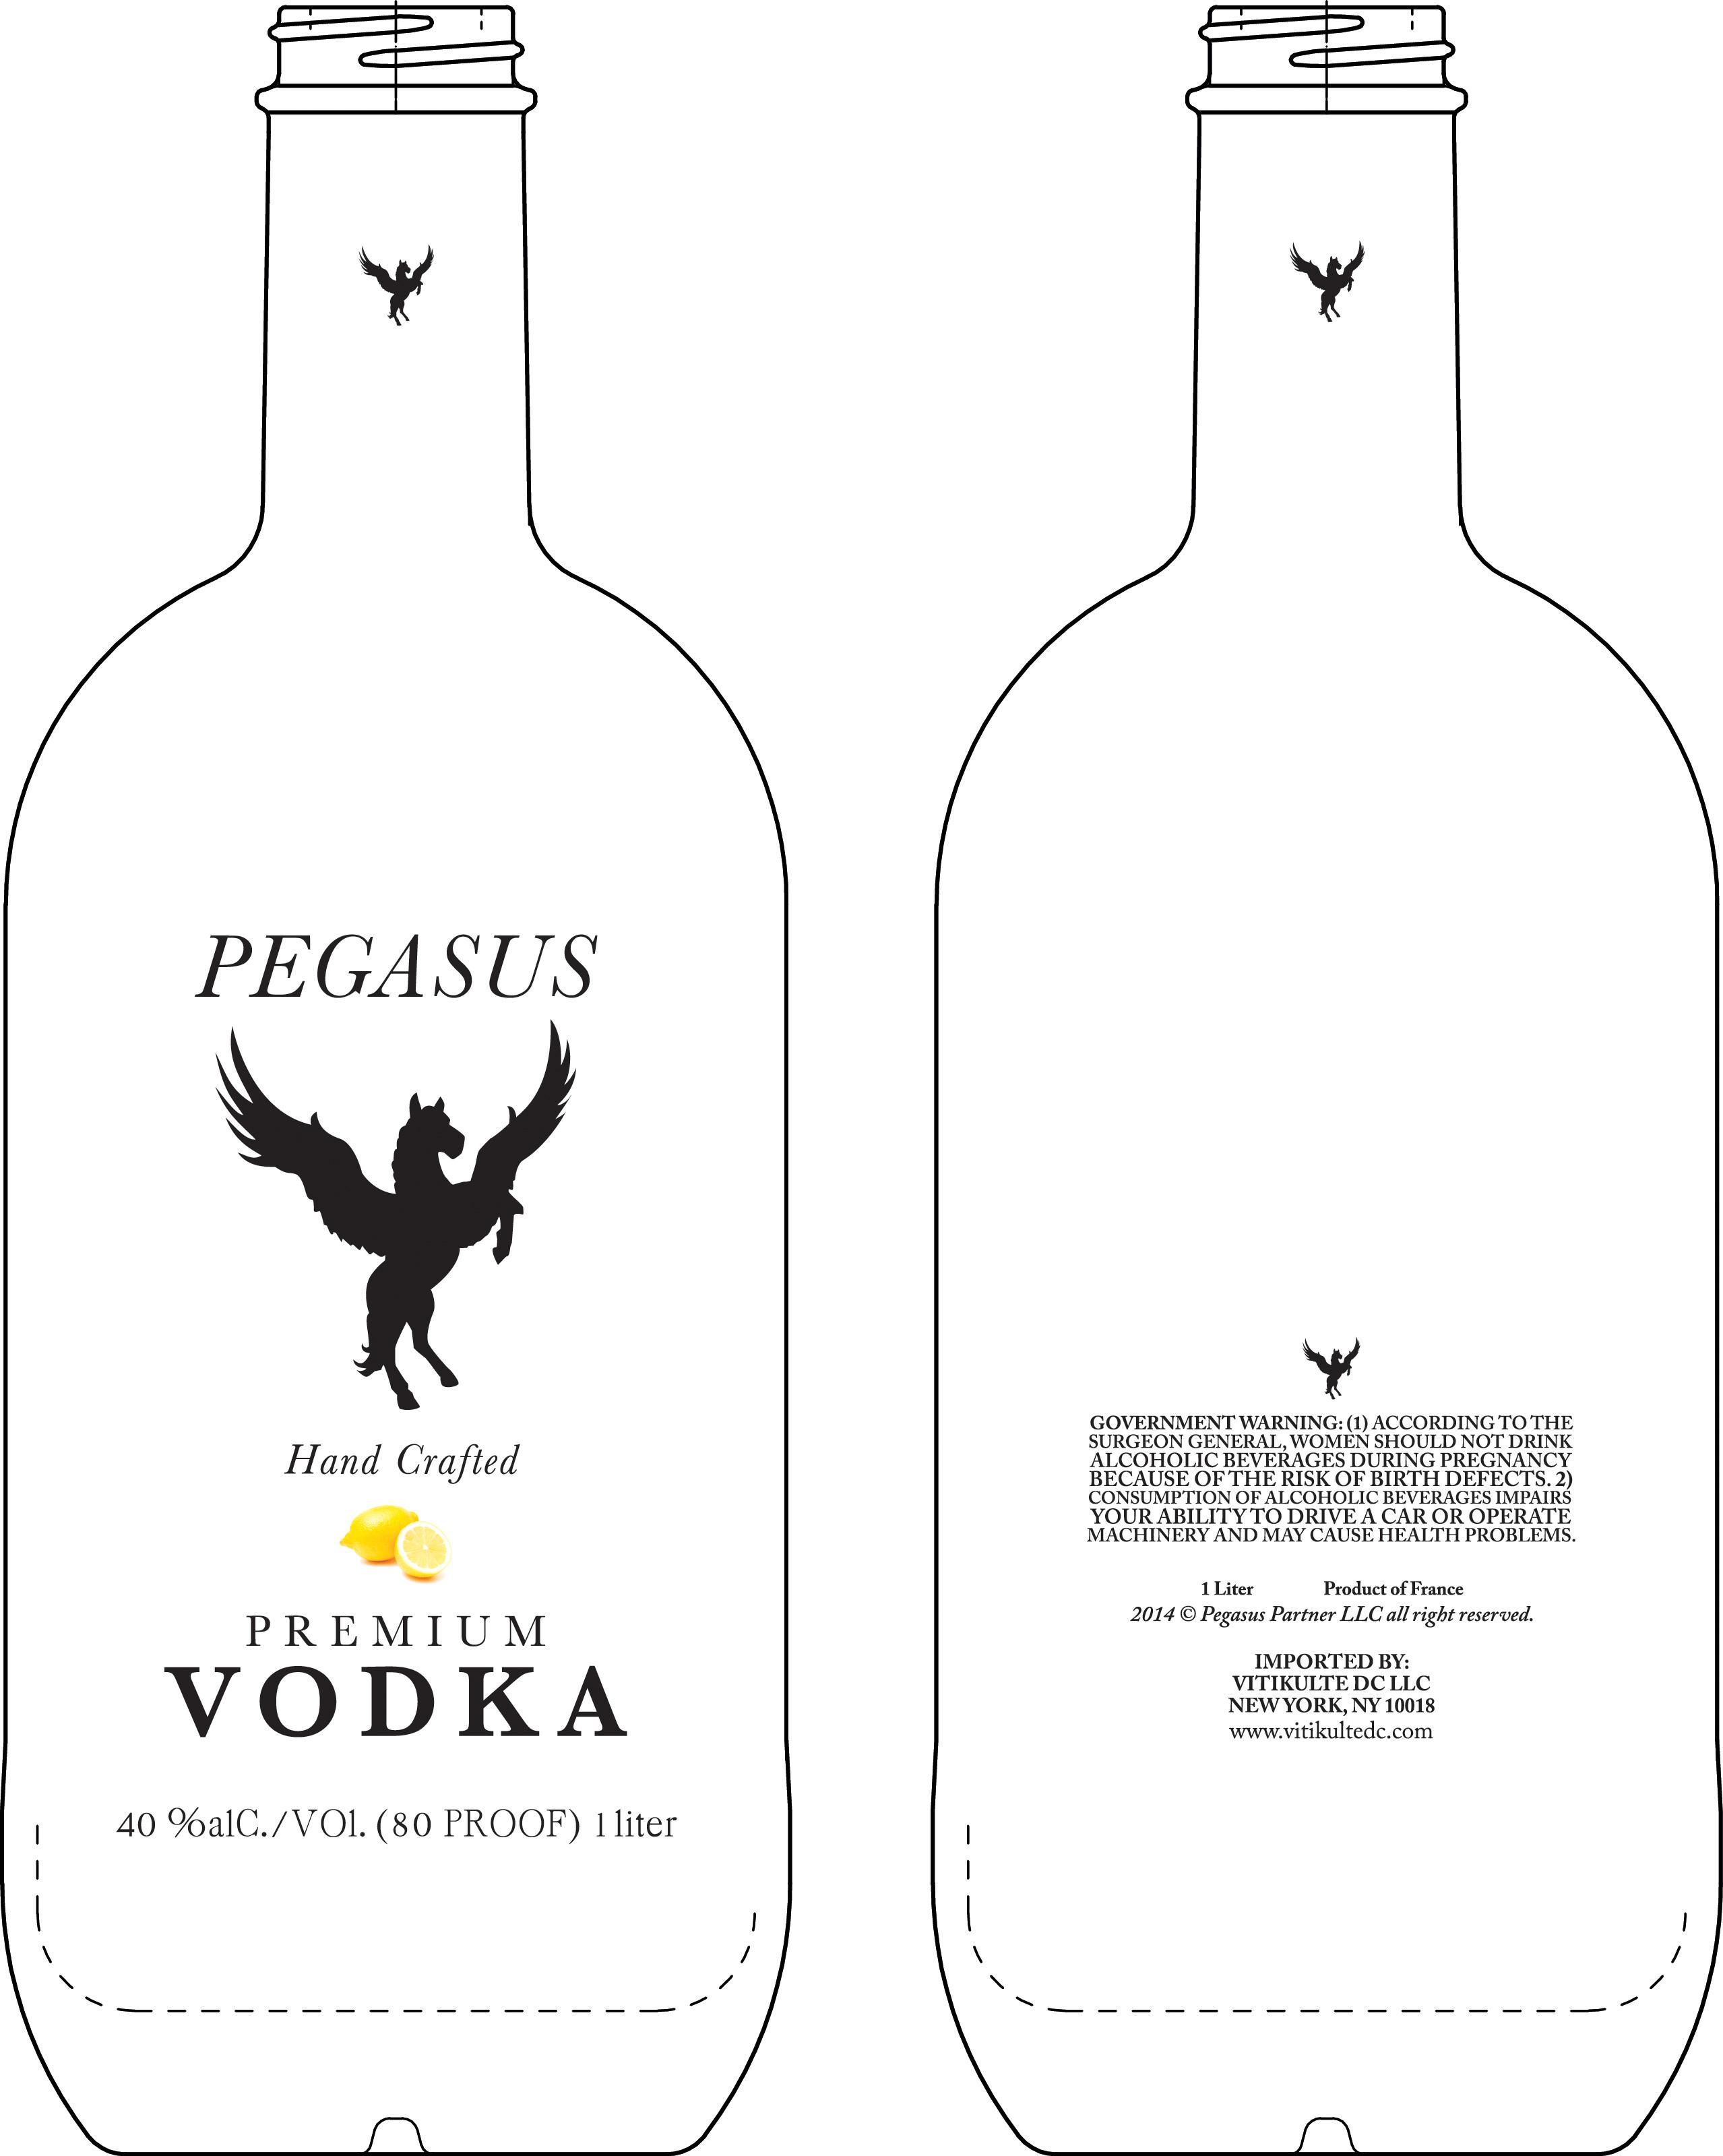 Vodka-Pegasus